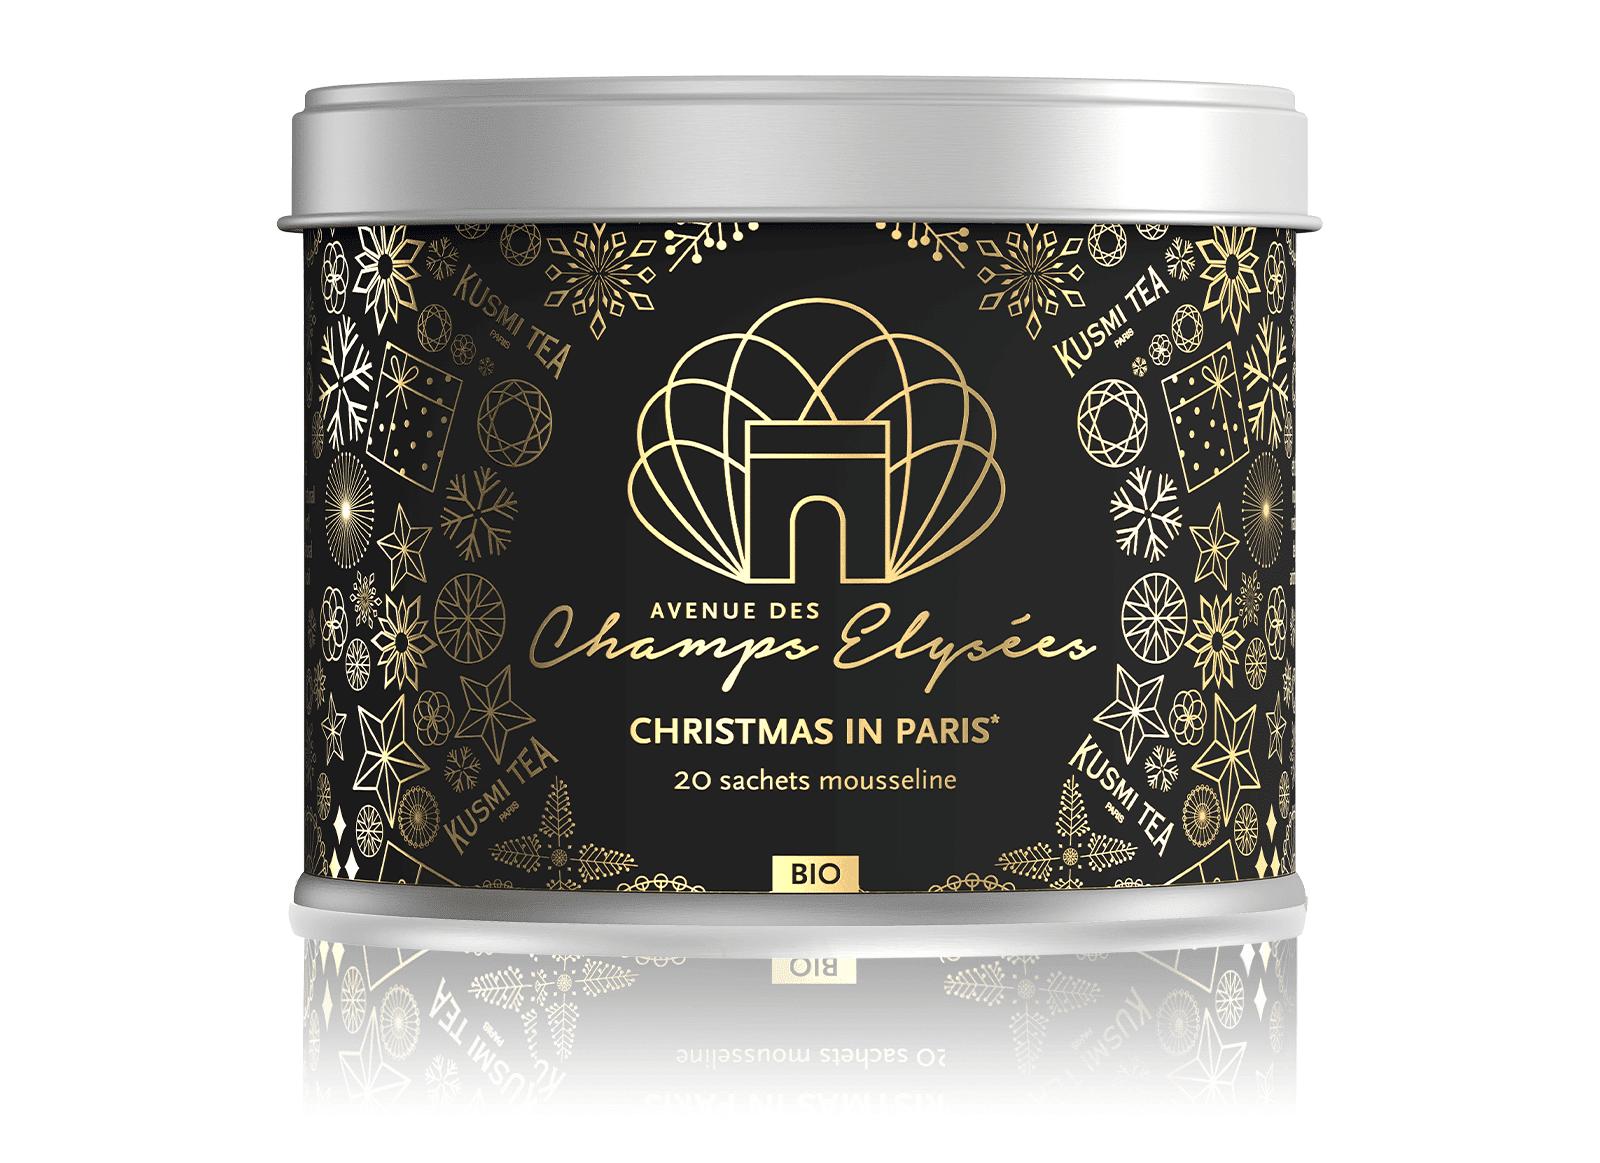 KUSMI TEA Christmas in Paris bio - Mélange de thé noir et d'épices aromatisé agrumes - Kusmi Tea